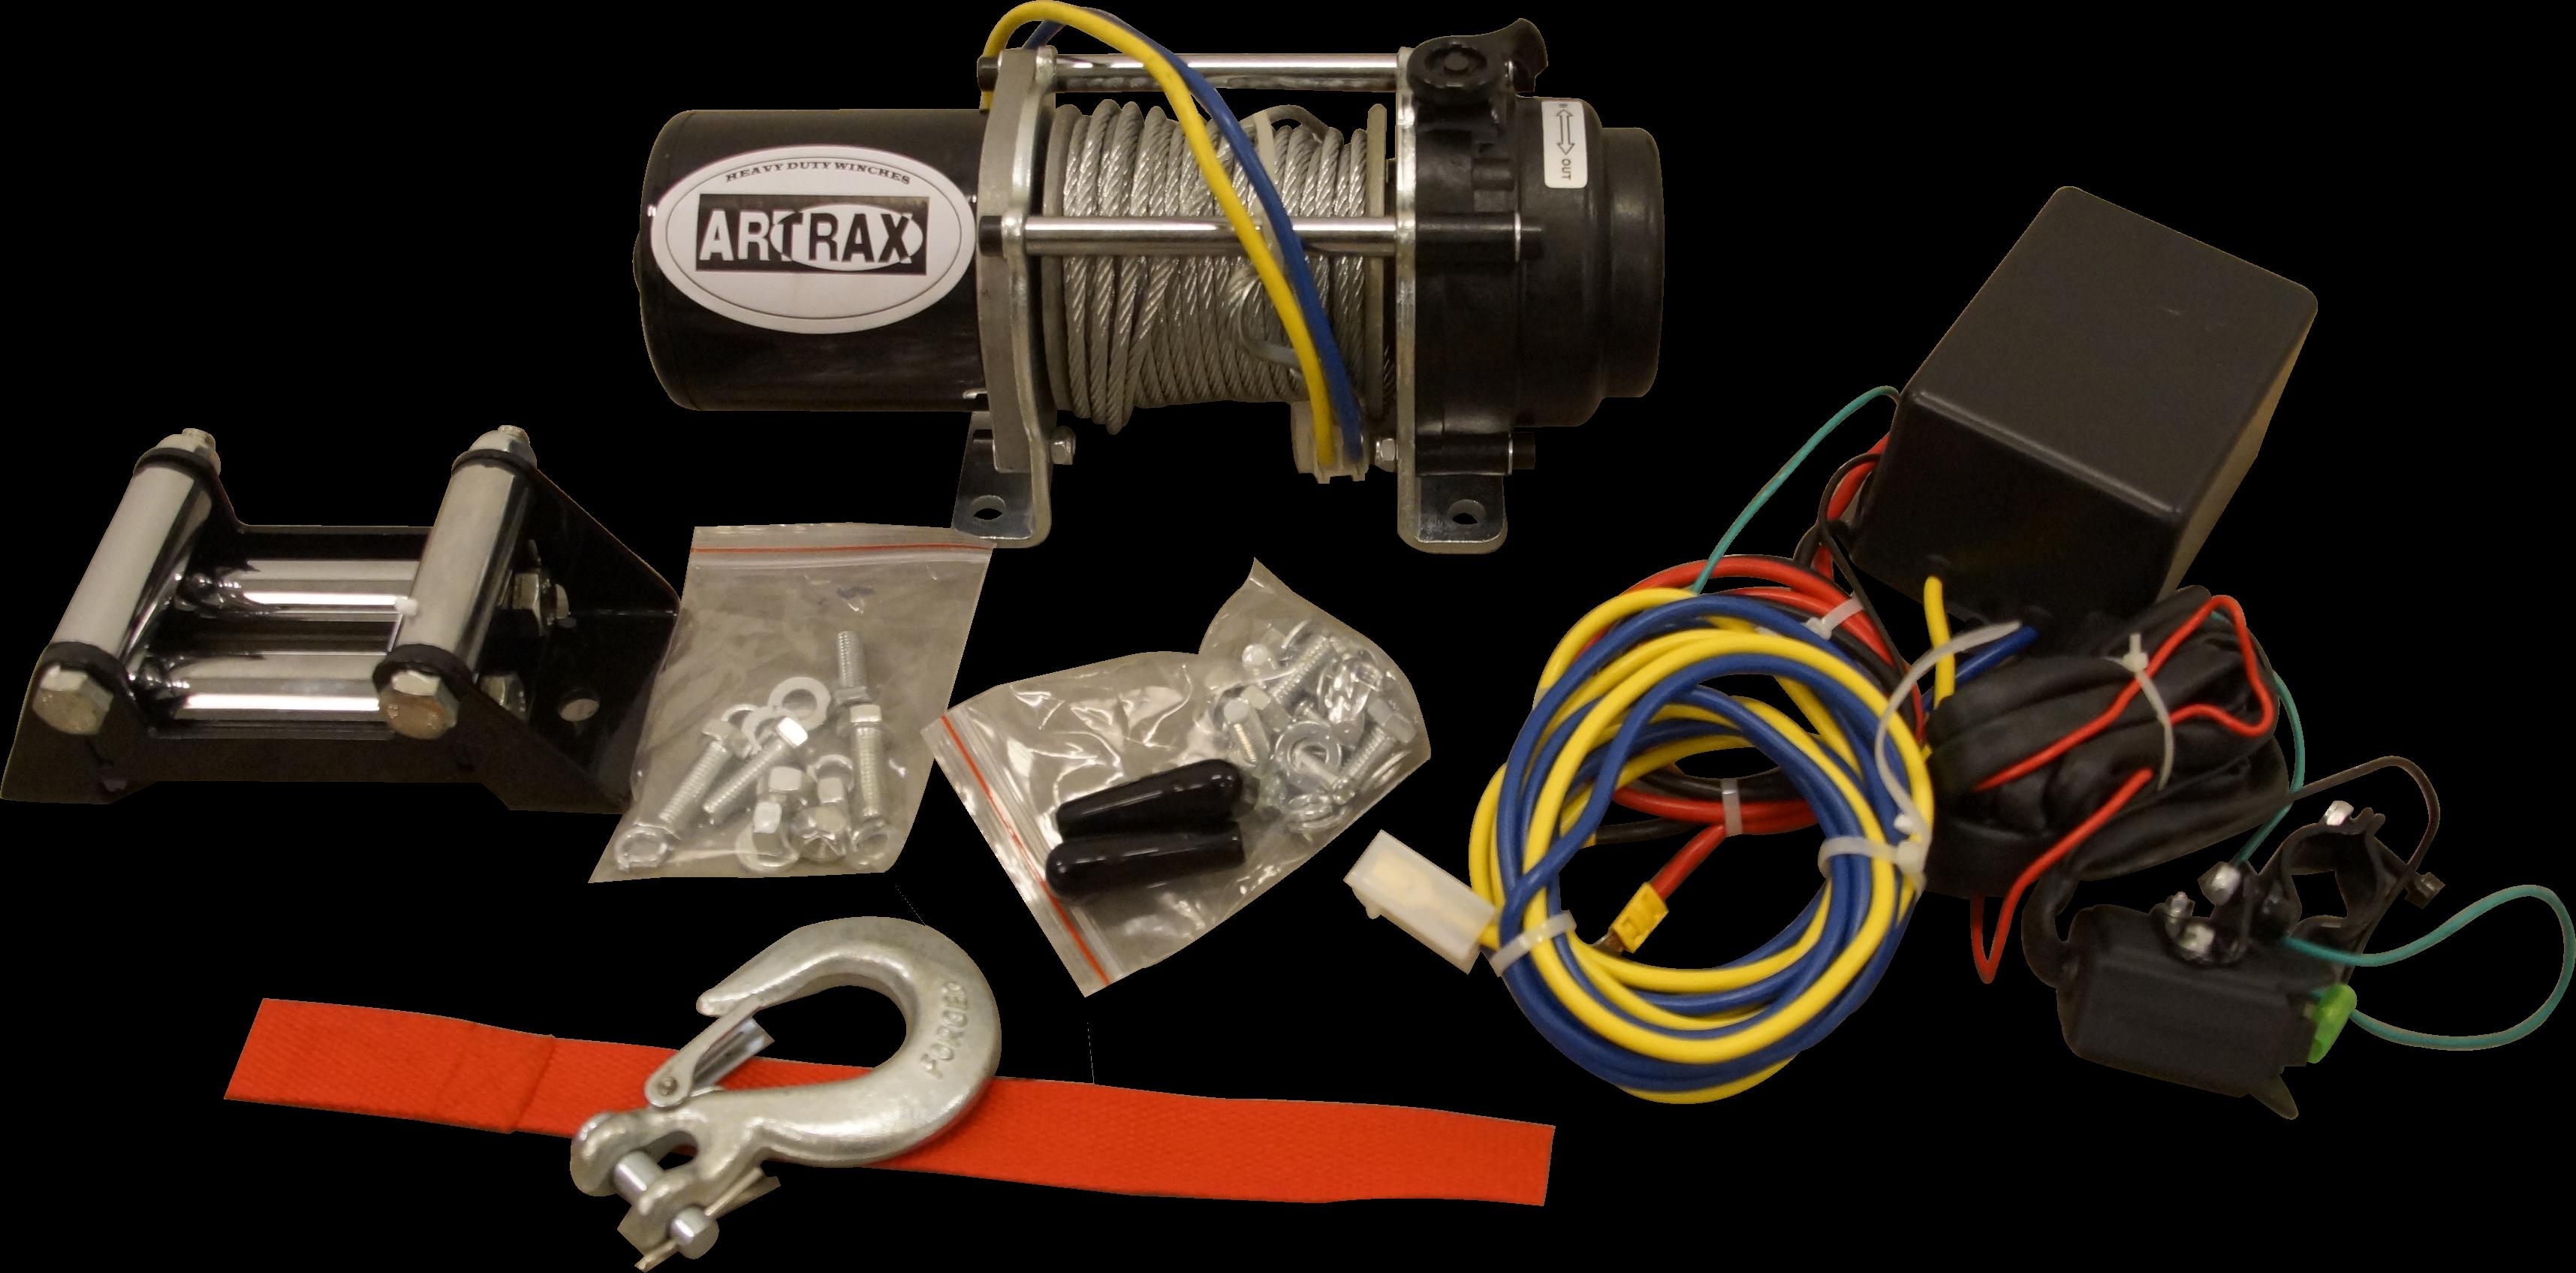 Artrax Winch 1500 Steel